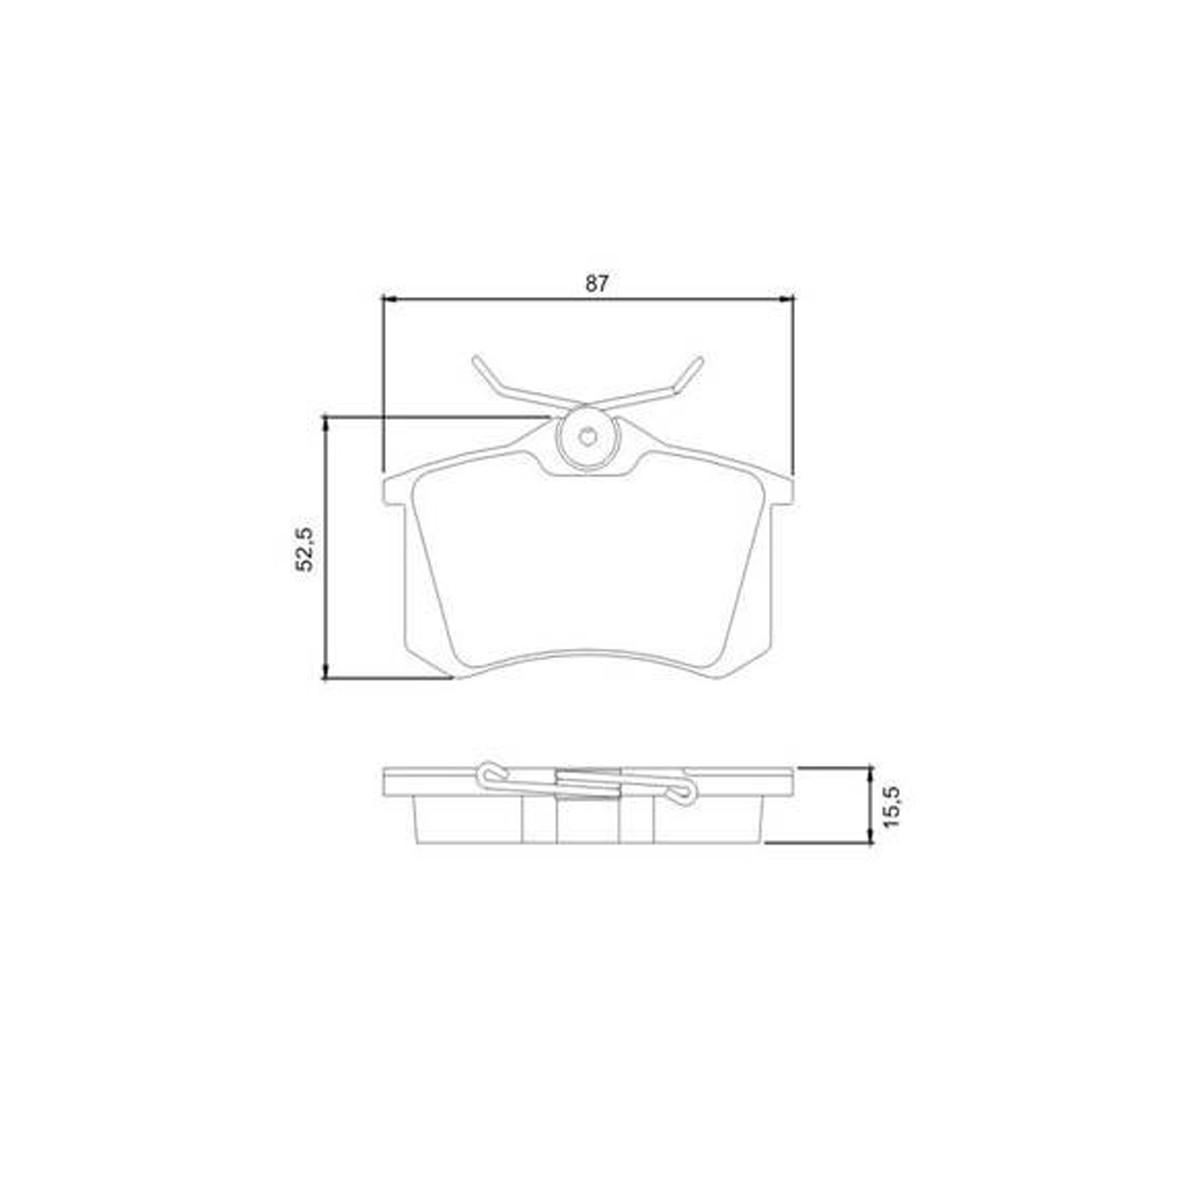 Pastillas Hitech 0184 Freno Trasero Peugeot 405 308 Audi A1 A3